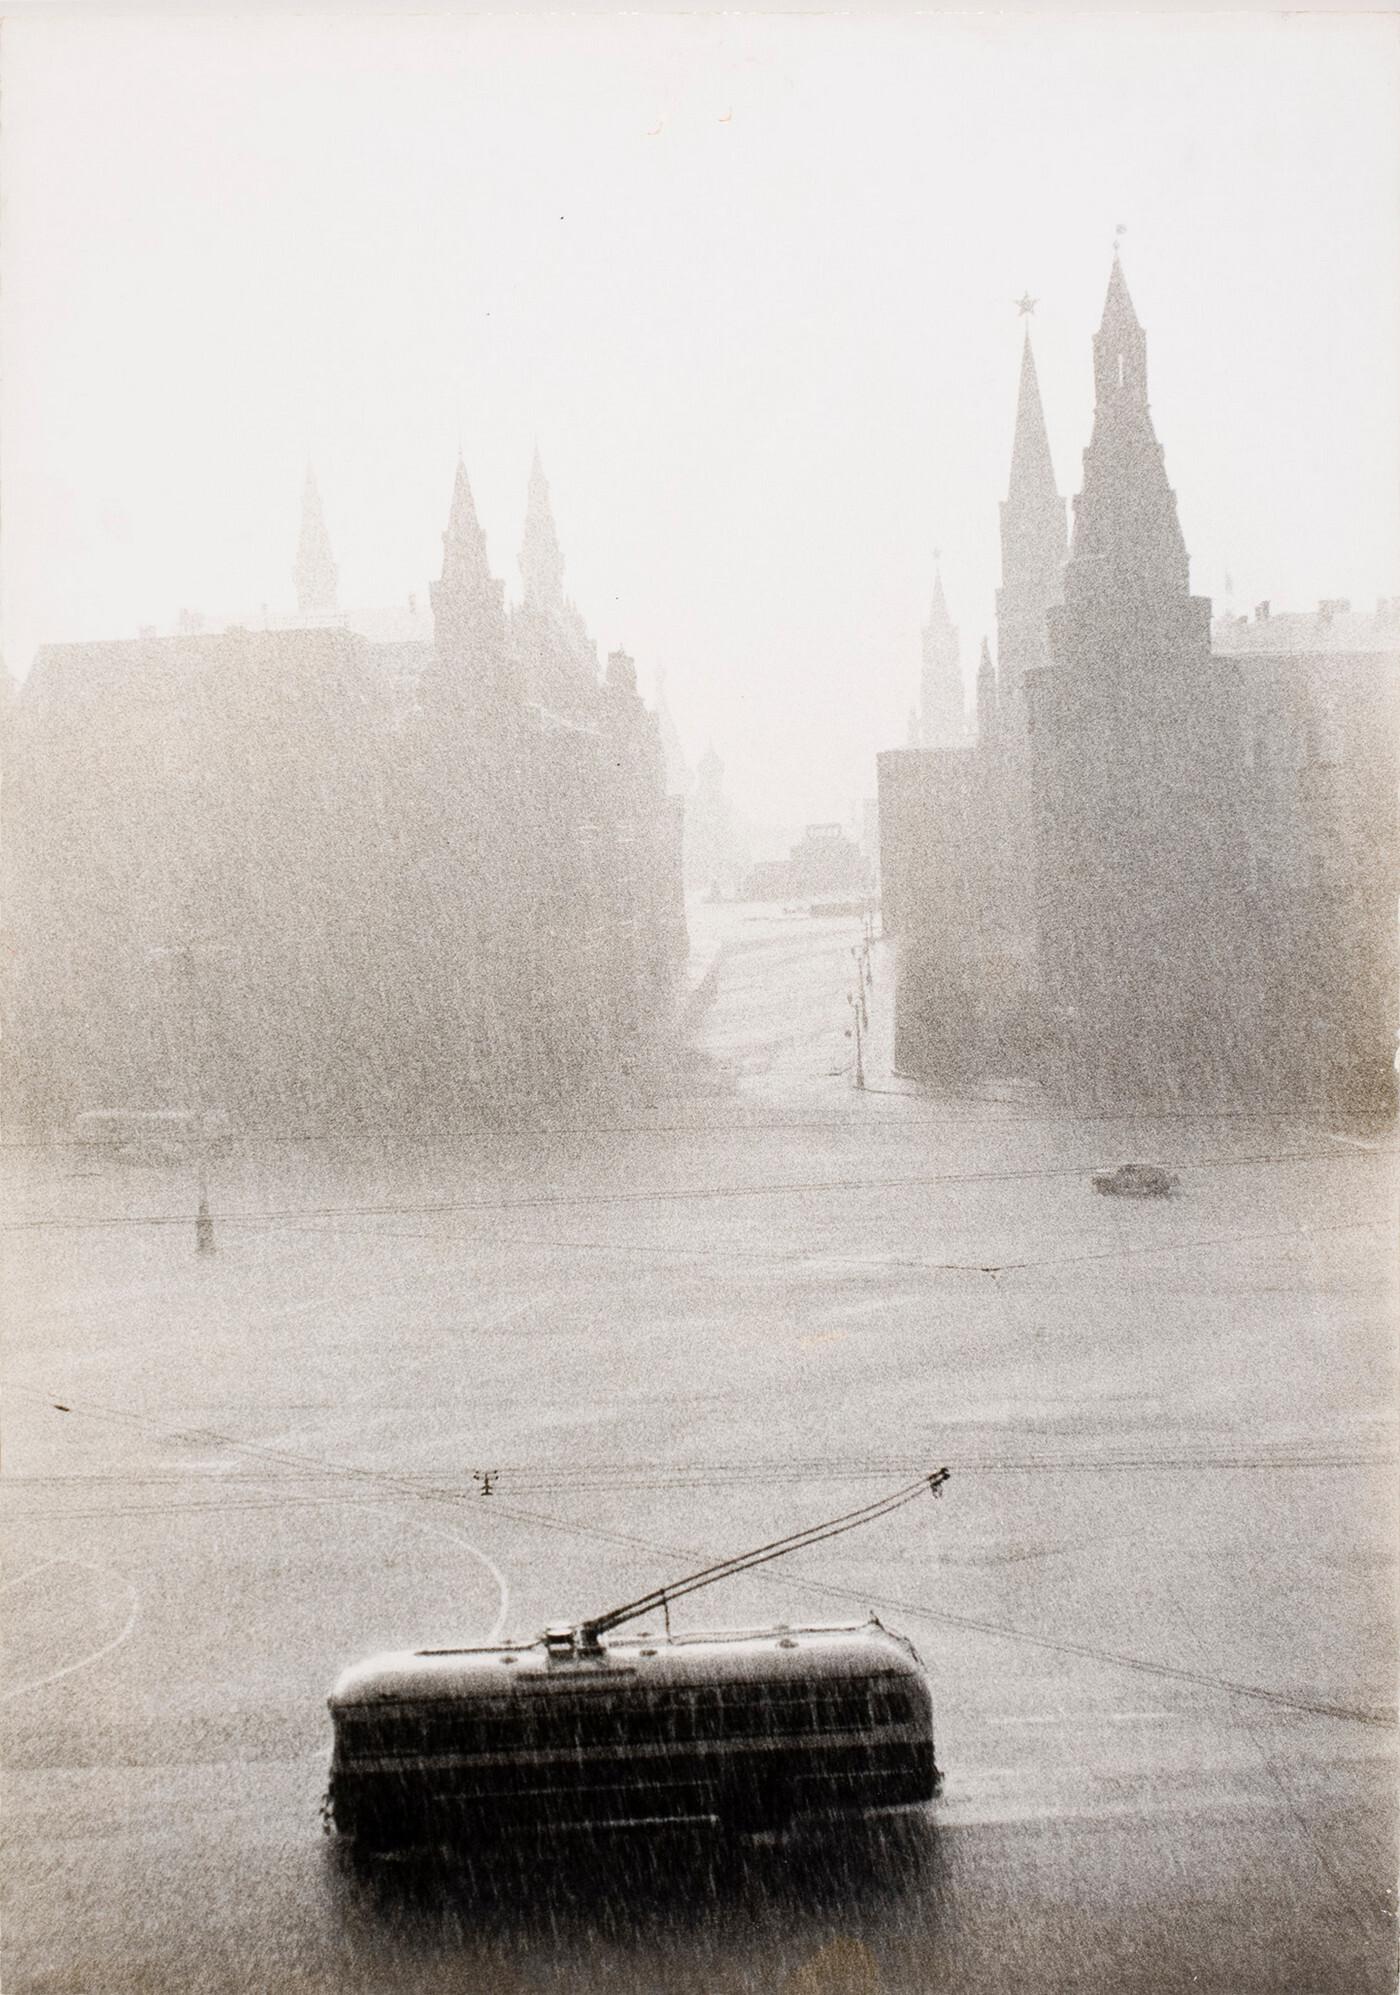 Ливень в Москве, 1956. Фотограф Лиза Ларсен